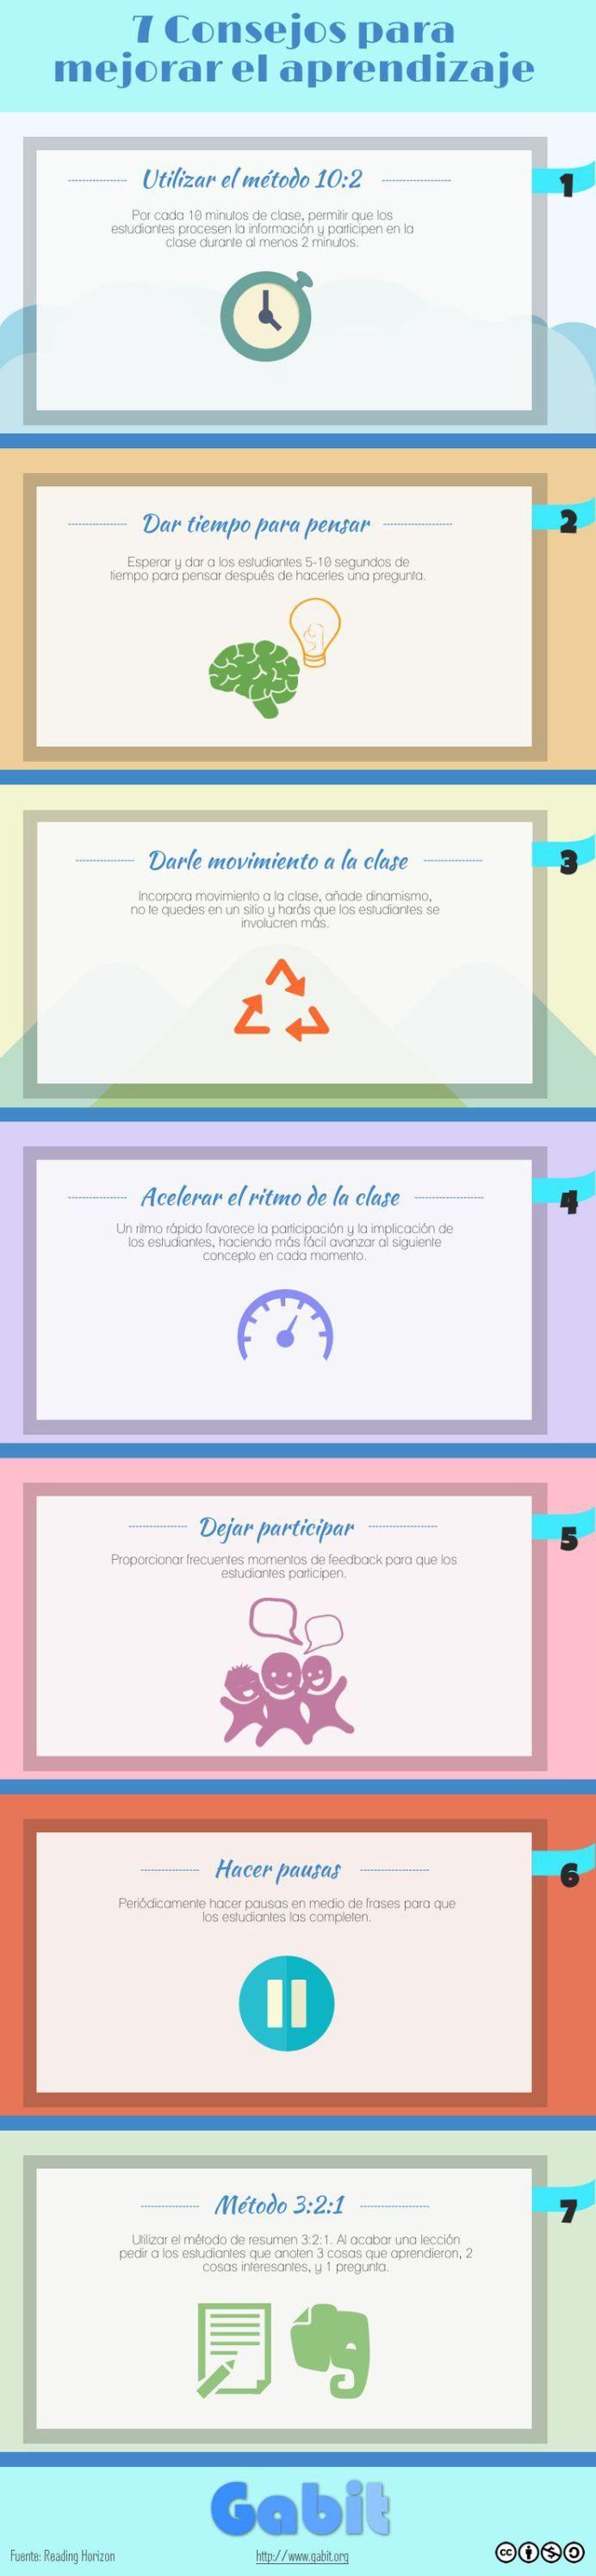 7ConsejosMejorarAprendizaje-Infografía-BlogGesvin